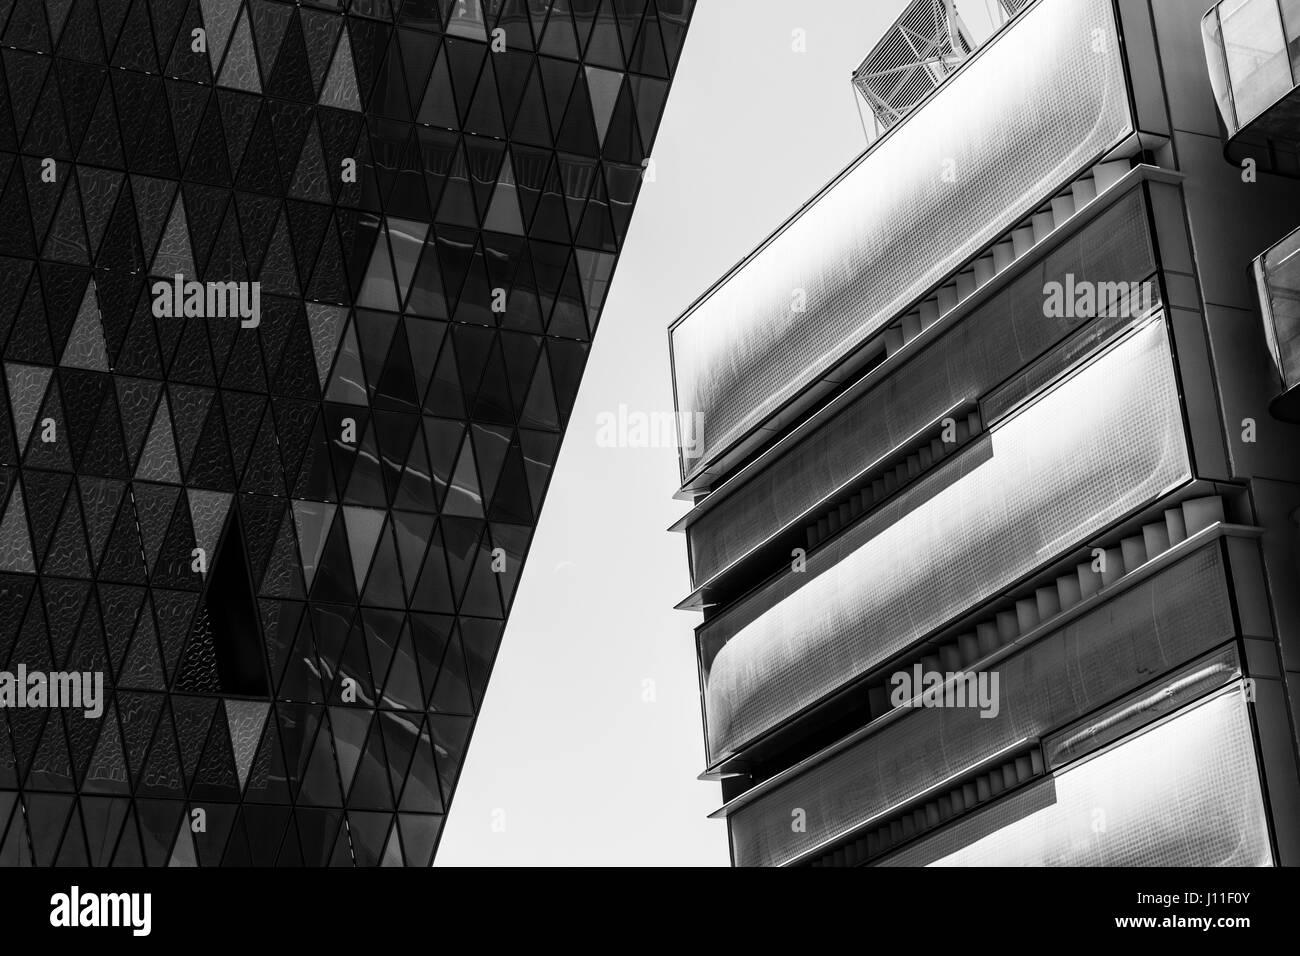 Ángulo de visión baja de fachada de edificio moderno Foto de stock